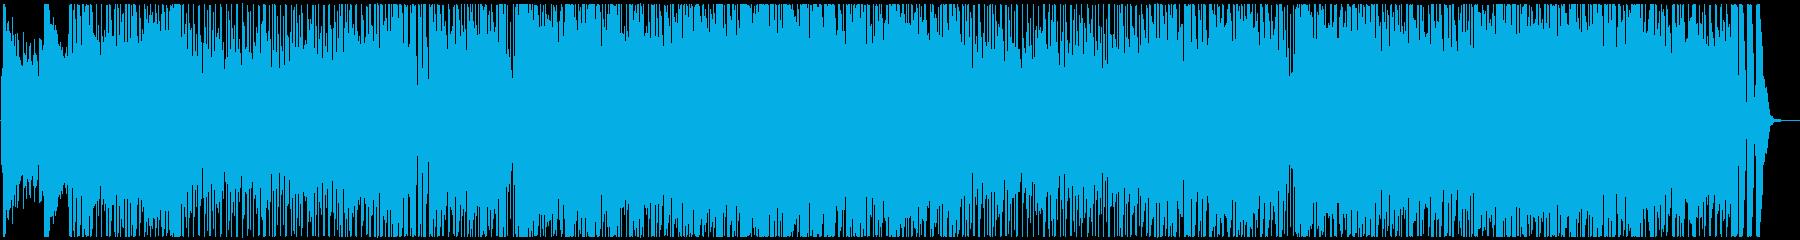 自然な雰囲気の明るいポップロックの再生済みの波形